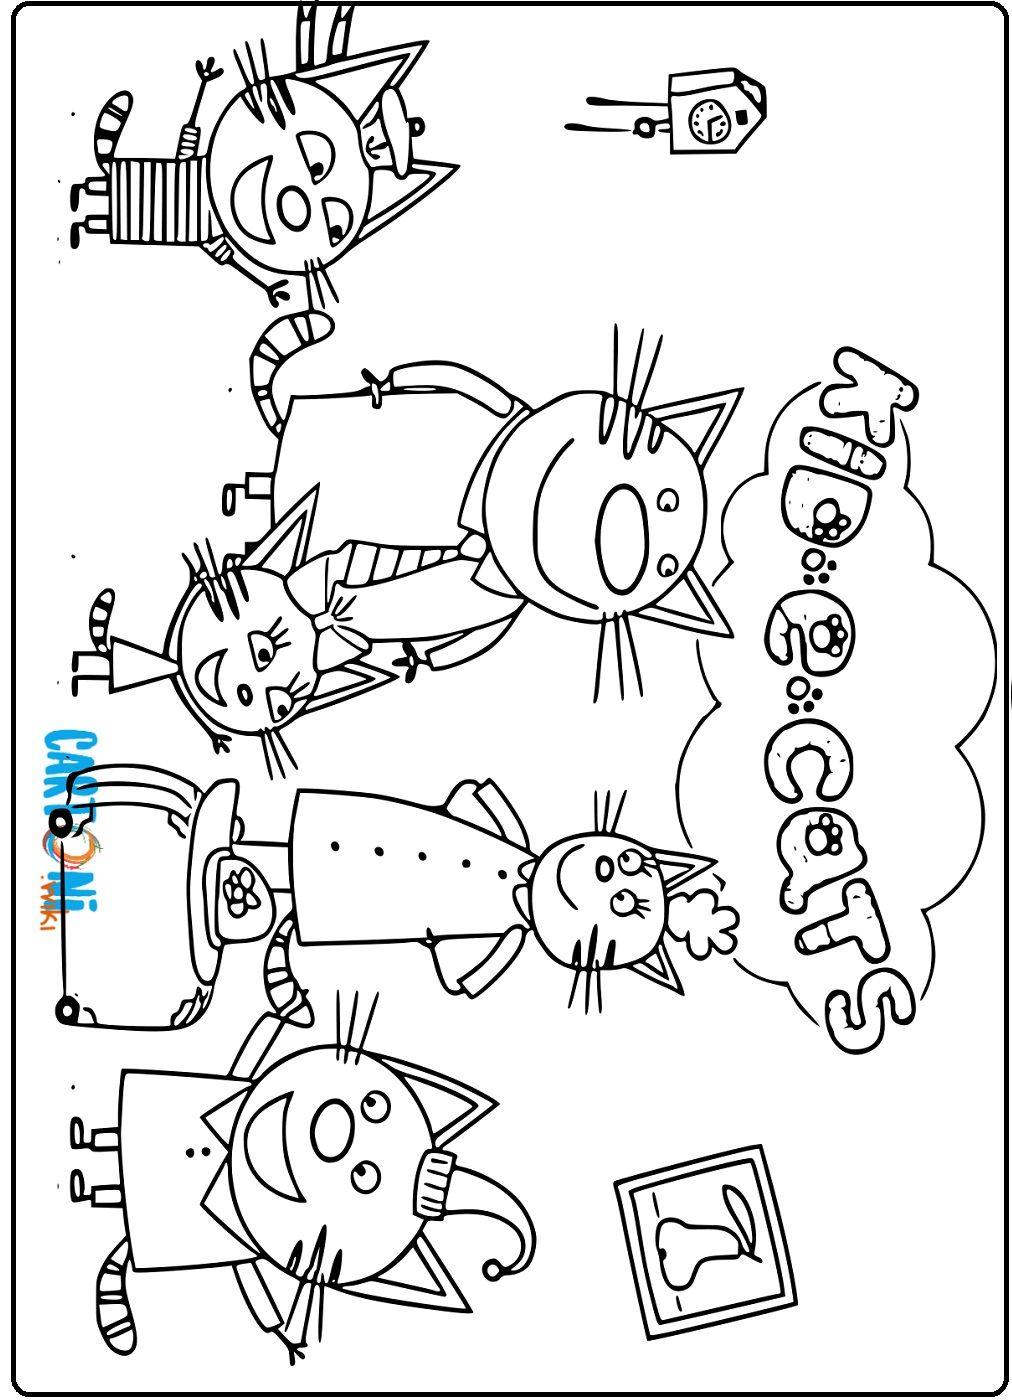 Kid E Cats Disegni Da Stampare E Far Colorare Ai Bambini In Eta Prescolare Con Tutta La Famiglia Dei Teneri E Dolci Gattini Disegni Disegni Da Colorare Gattini